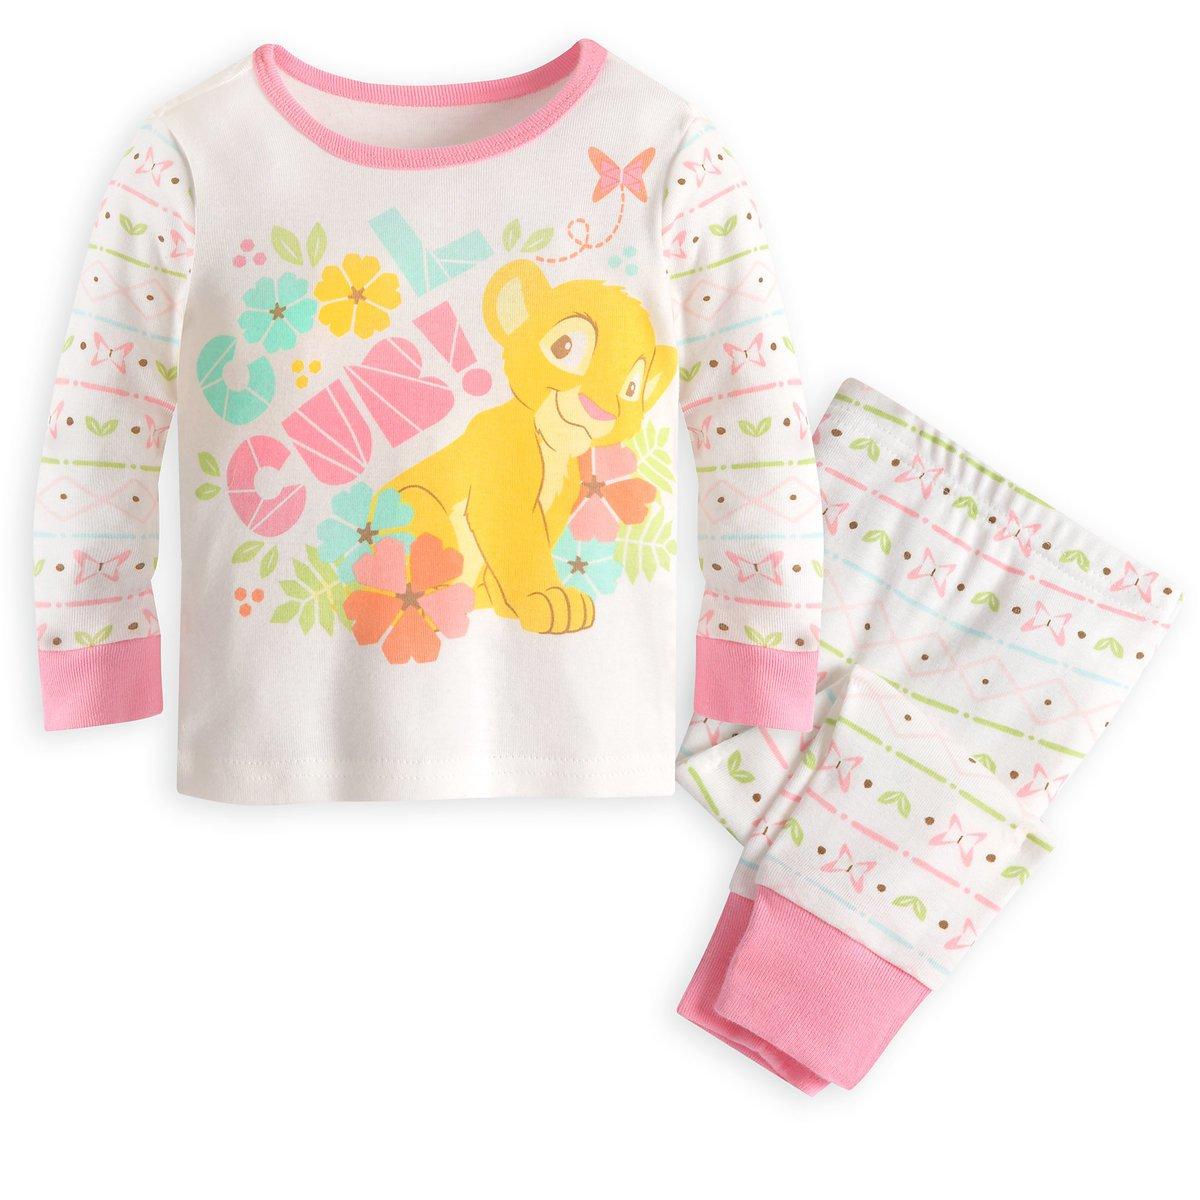 Disney Store Lion King Nala PJ Pals for Baby Pajamas 3-6 Months